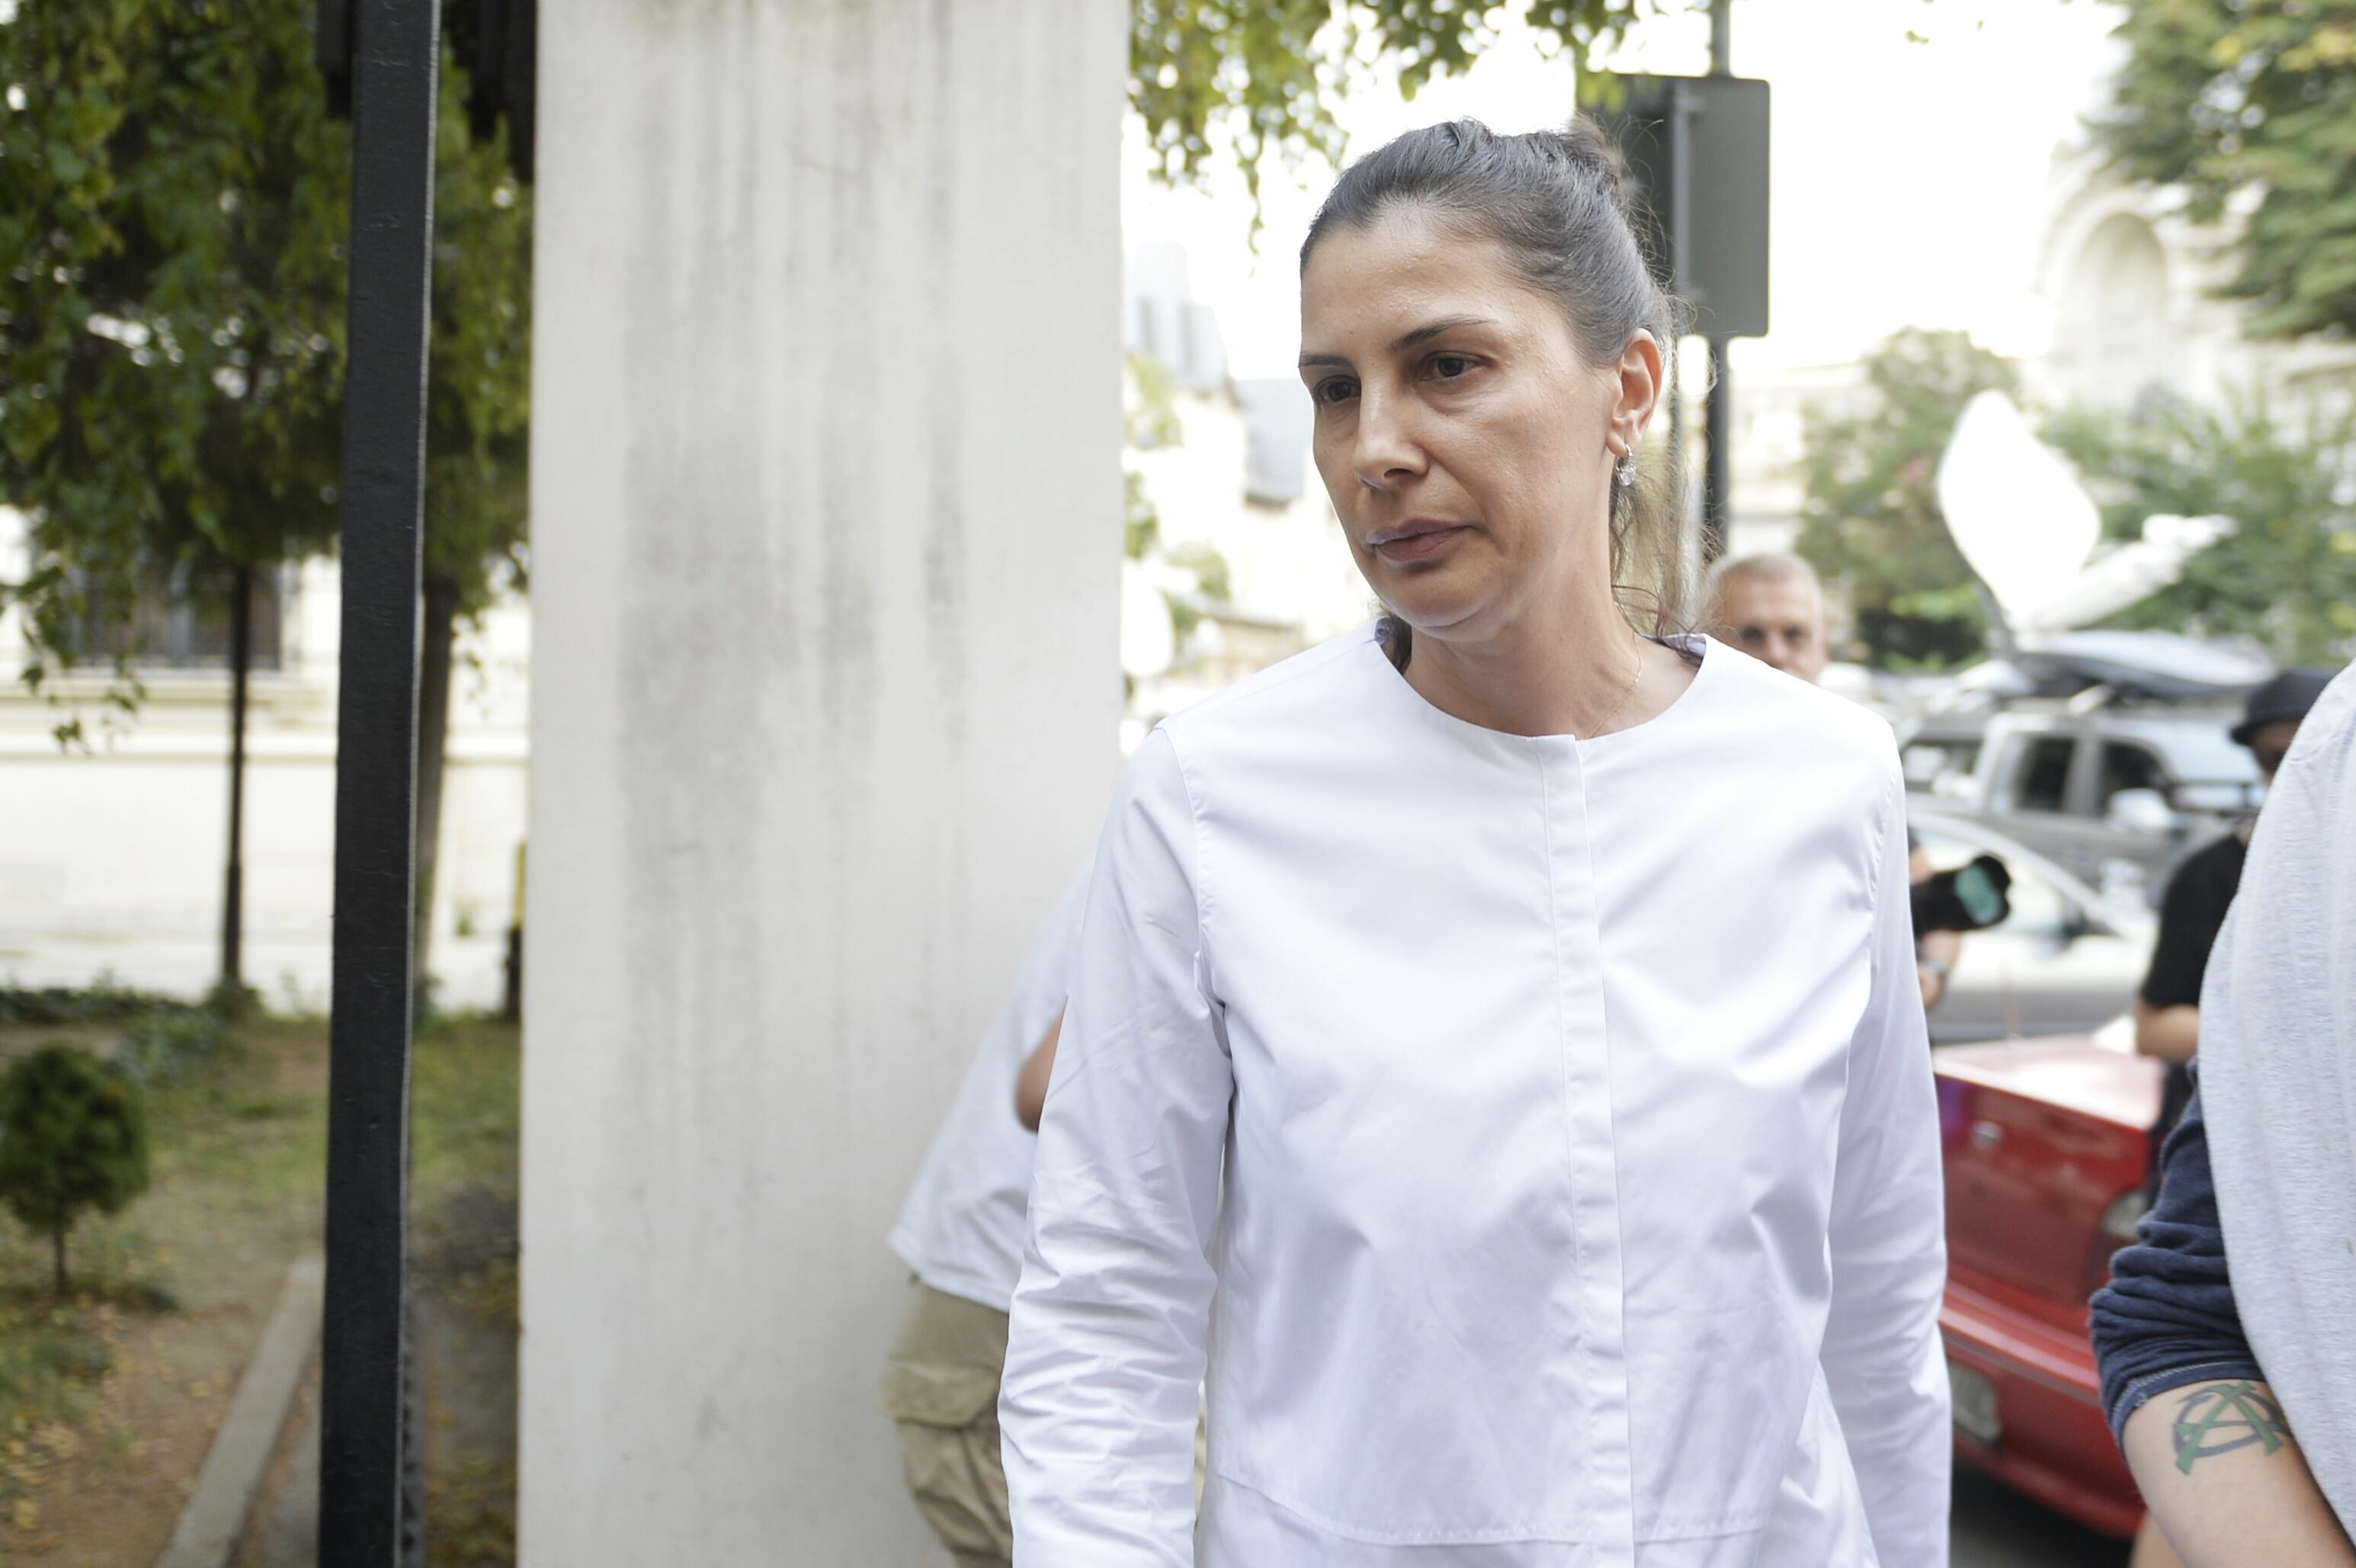 Fosta soţie a lui Liviu Dragnea, audiată la DNA. Bombonica Prodana, martor în dosarul deschis în urma dezvăluirilor legate de  presupuse afaceri ale liderului PSD